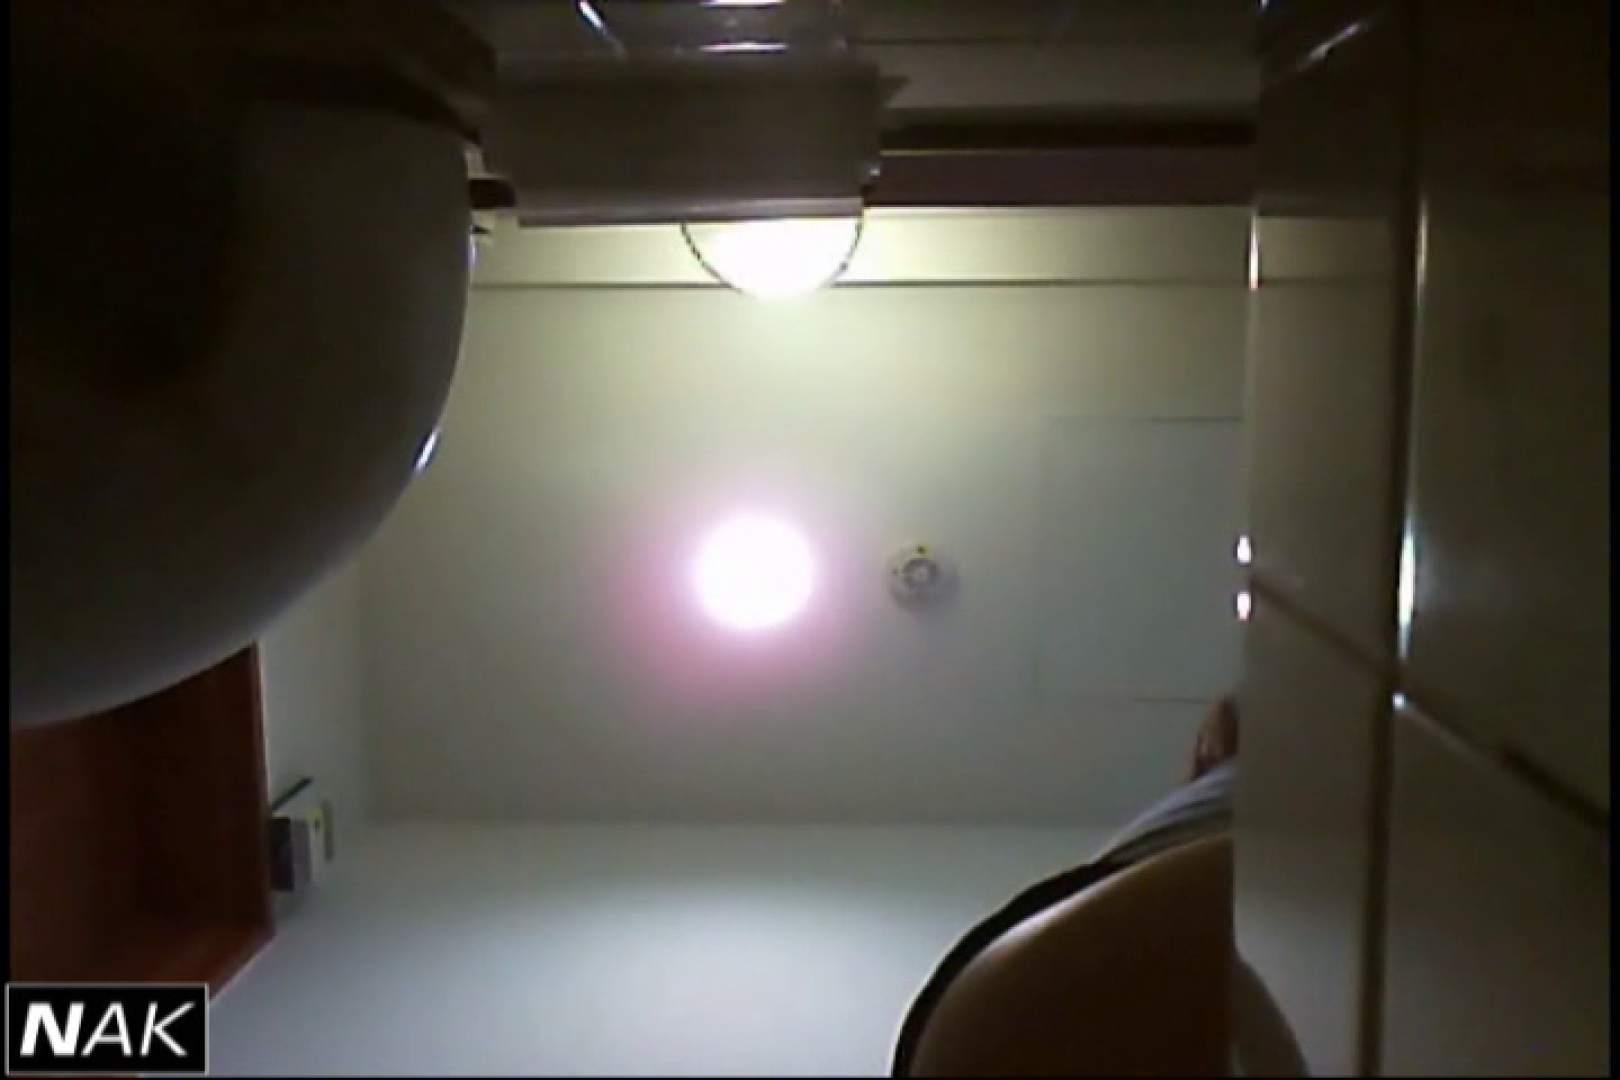 亀さんかわや VIP和式2カメバージョン! vol.14 和式 おめこ無修正動画無料 100pic 47